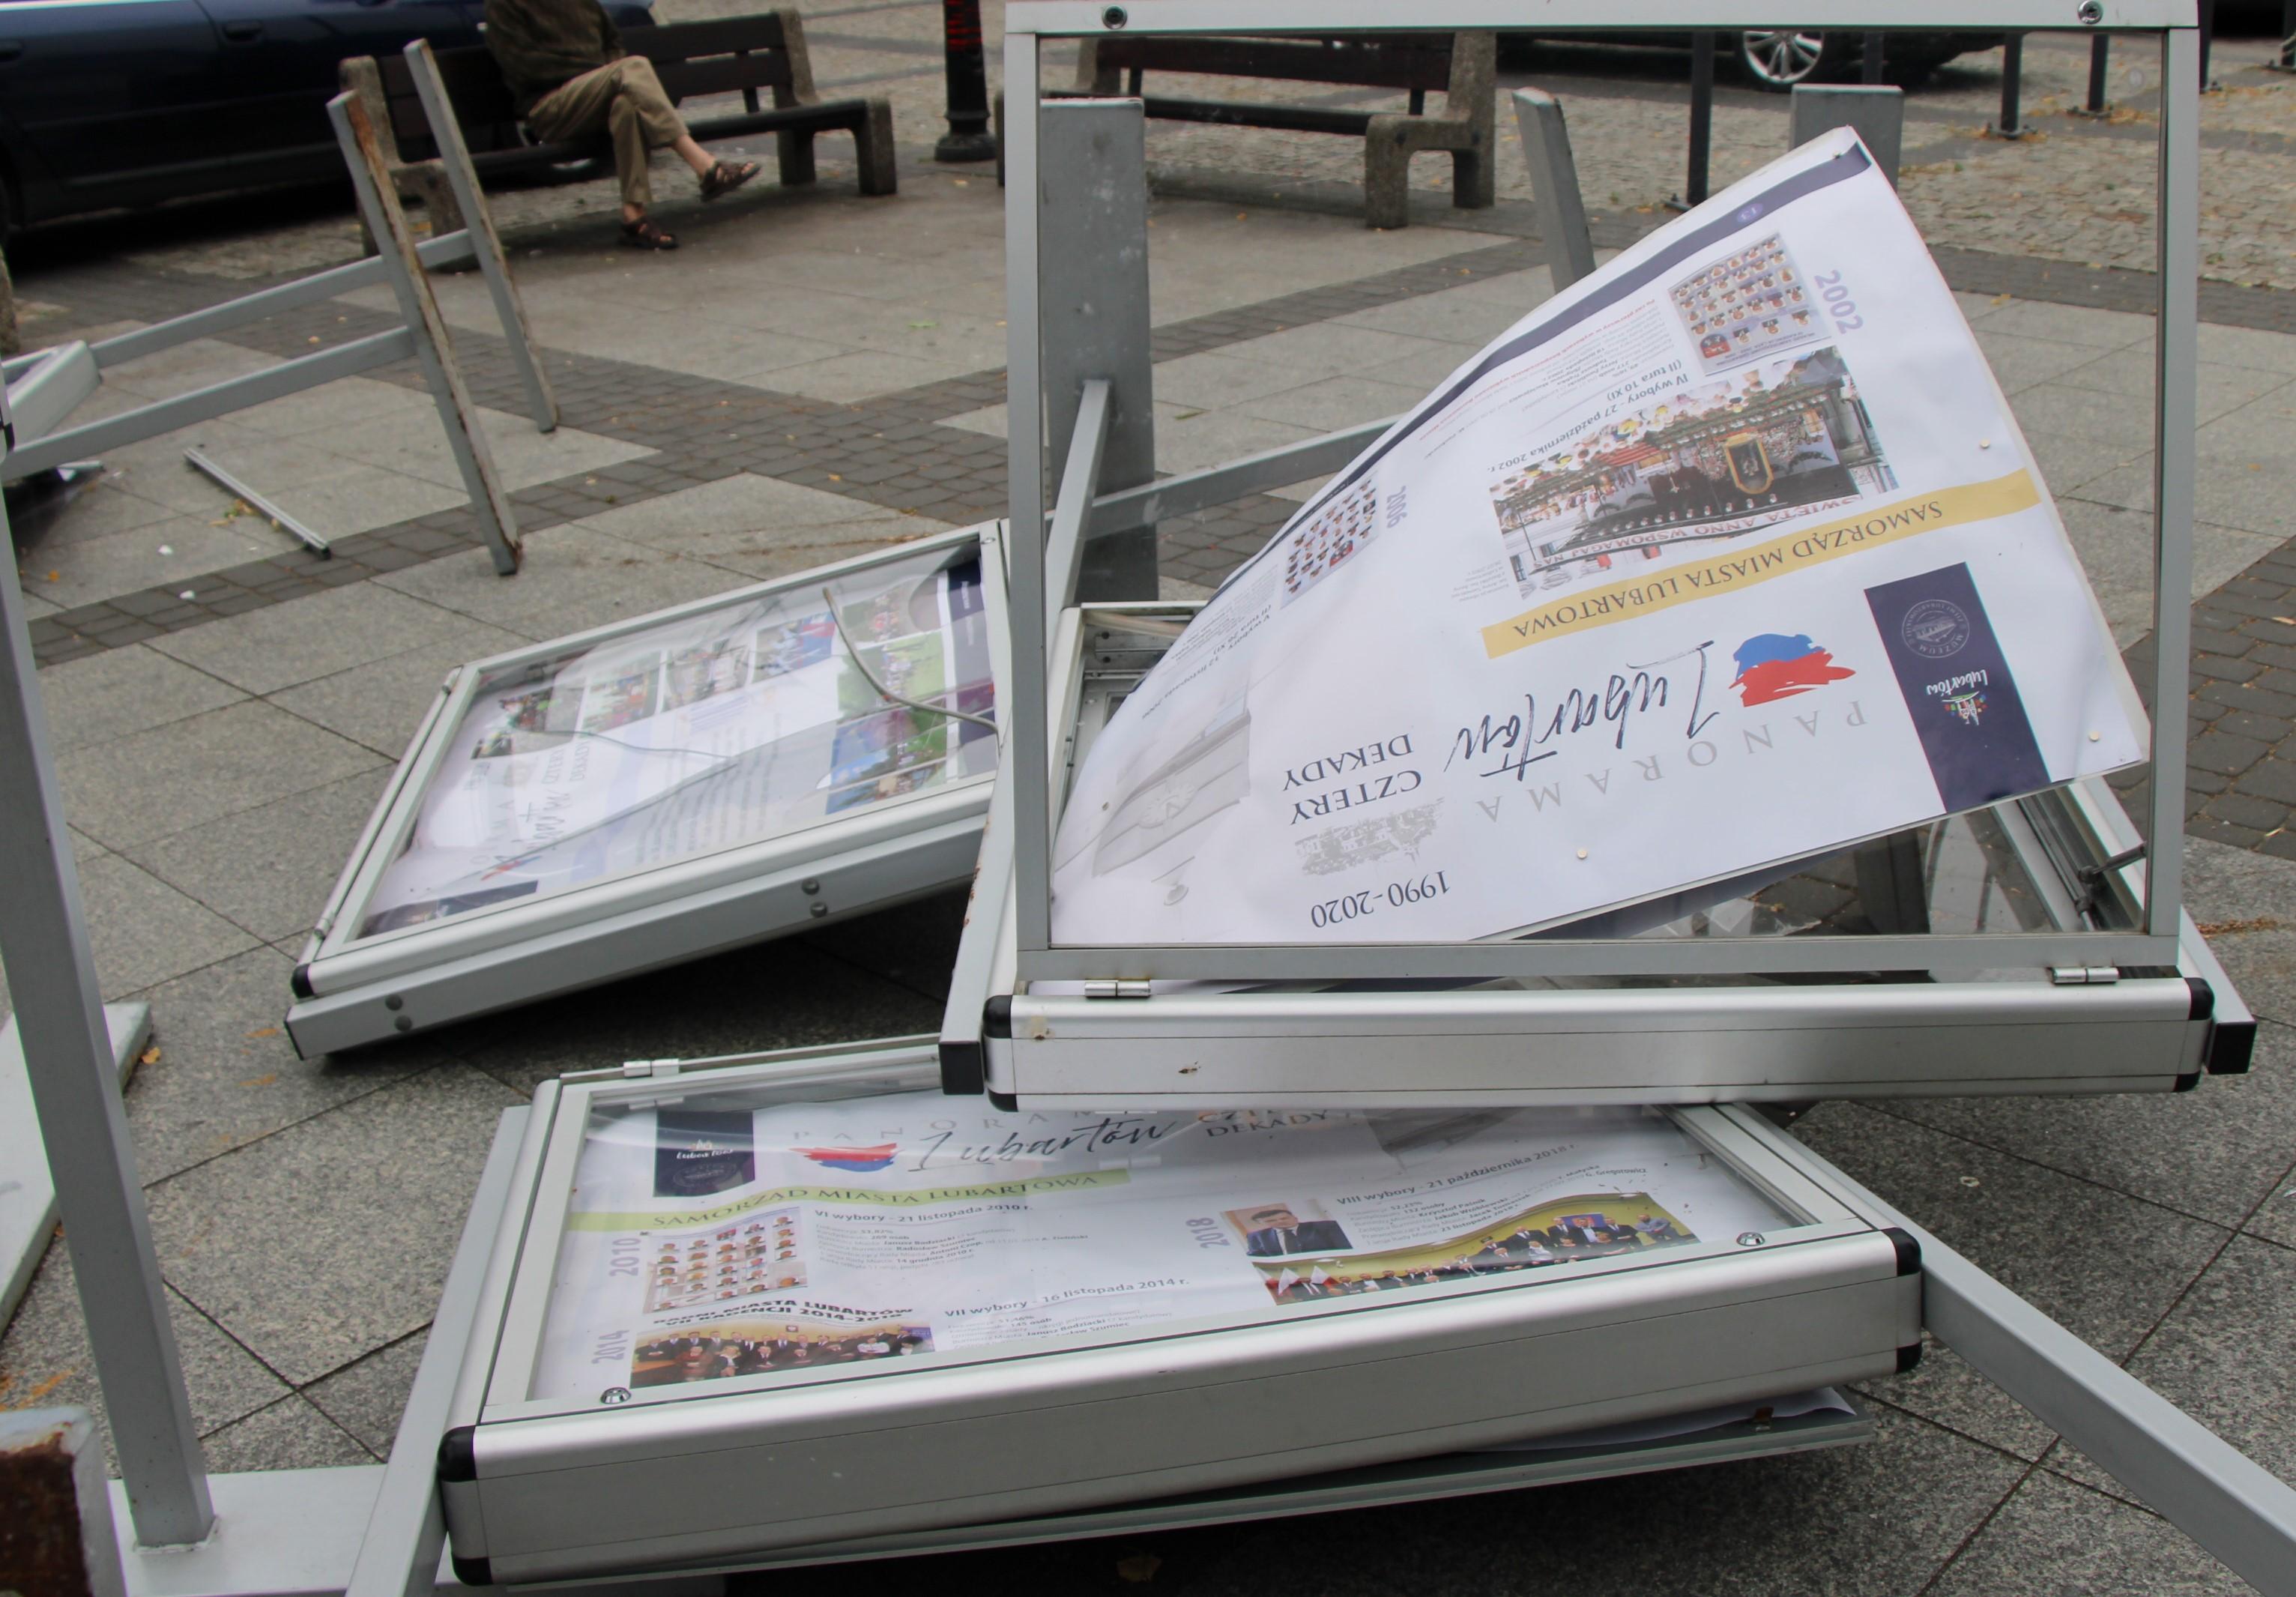 Sprawca zniszczenia wystawy w centrum Lubartowa zatrzymany - Zdjęcie główne